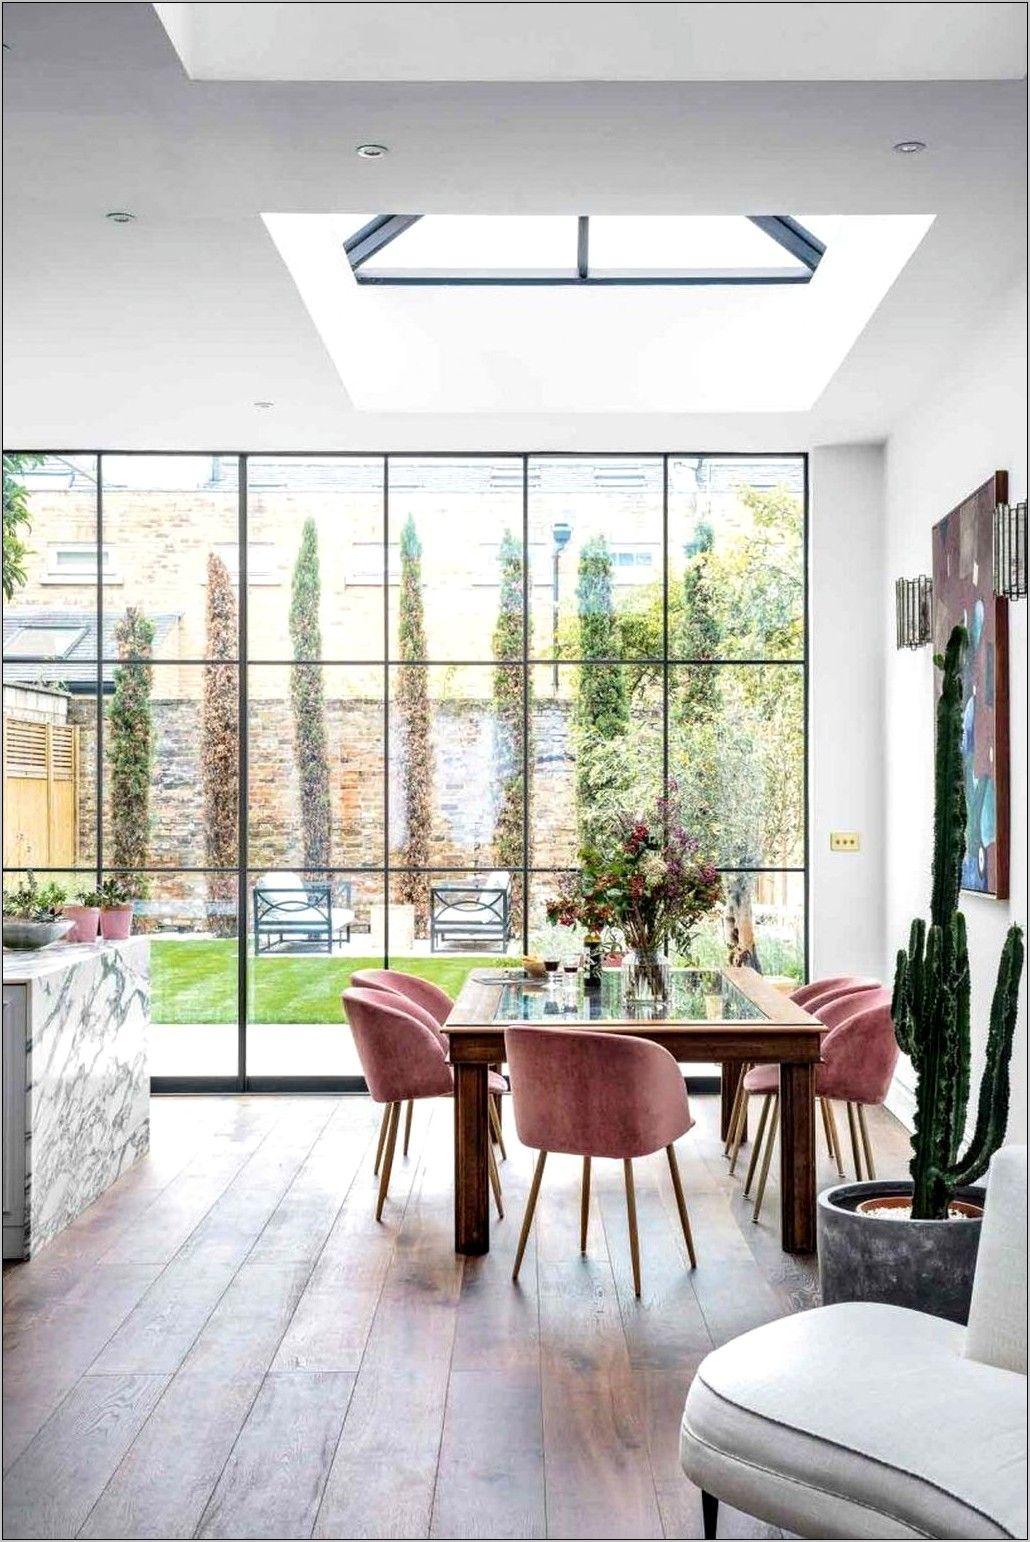 Afbeelding Van Nieuw Huis Lelystad Door Janine Hokkelman In 2020